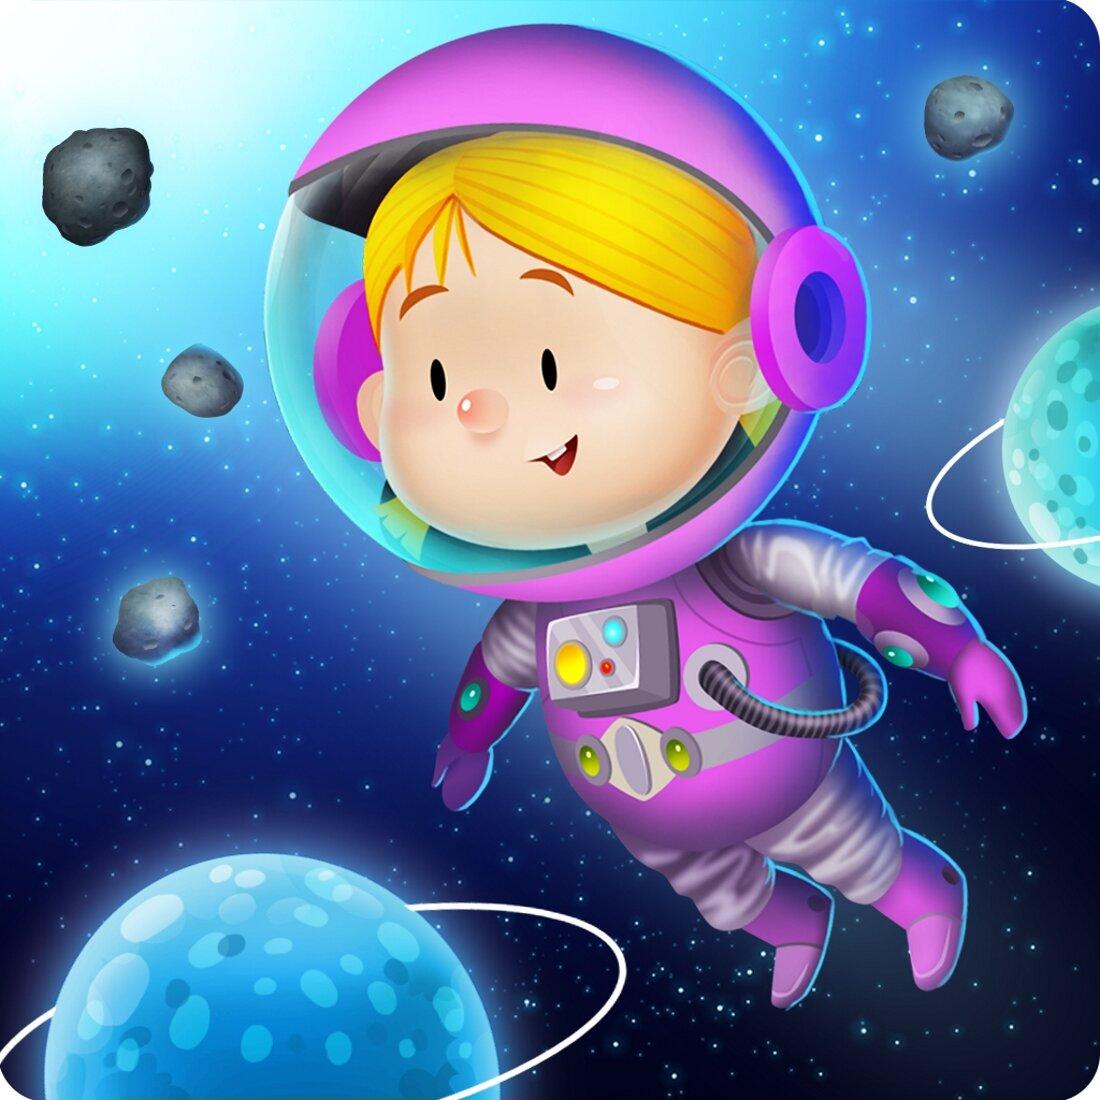 Картинки с надписью космос для детей, армия картинки для